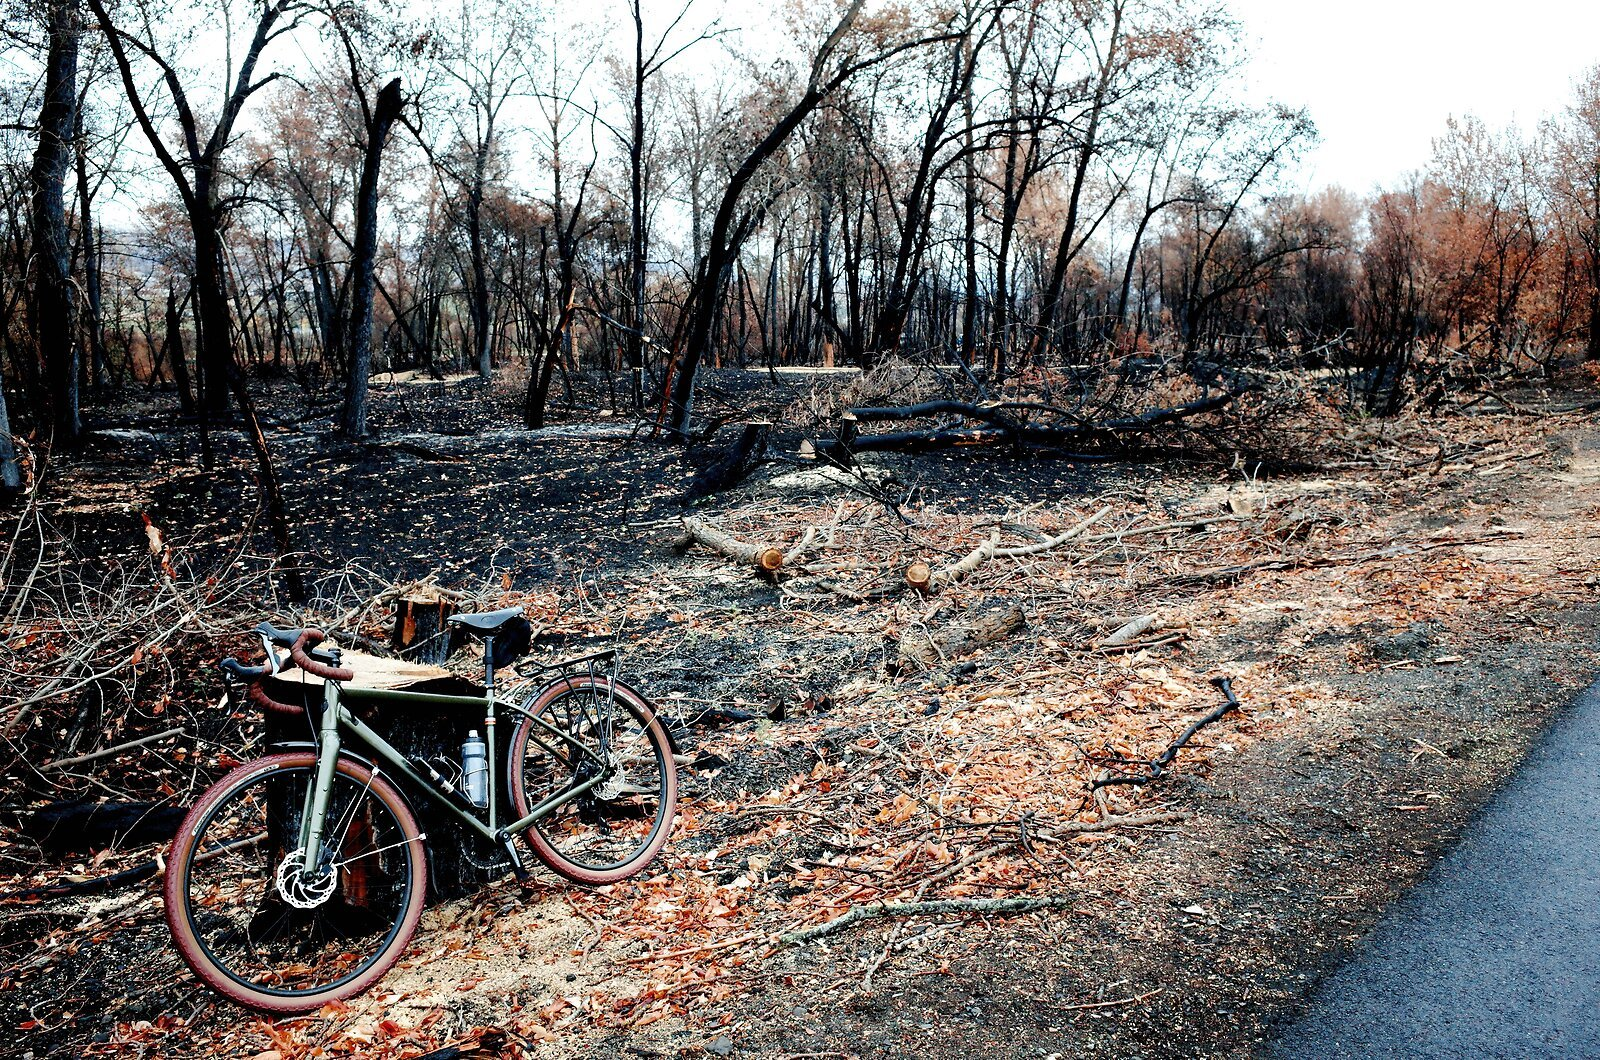 GRII_Nov7_Burned_Bike_Path#2.jpg